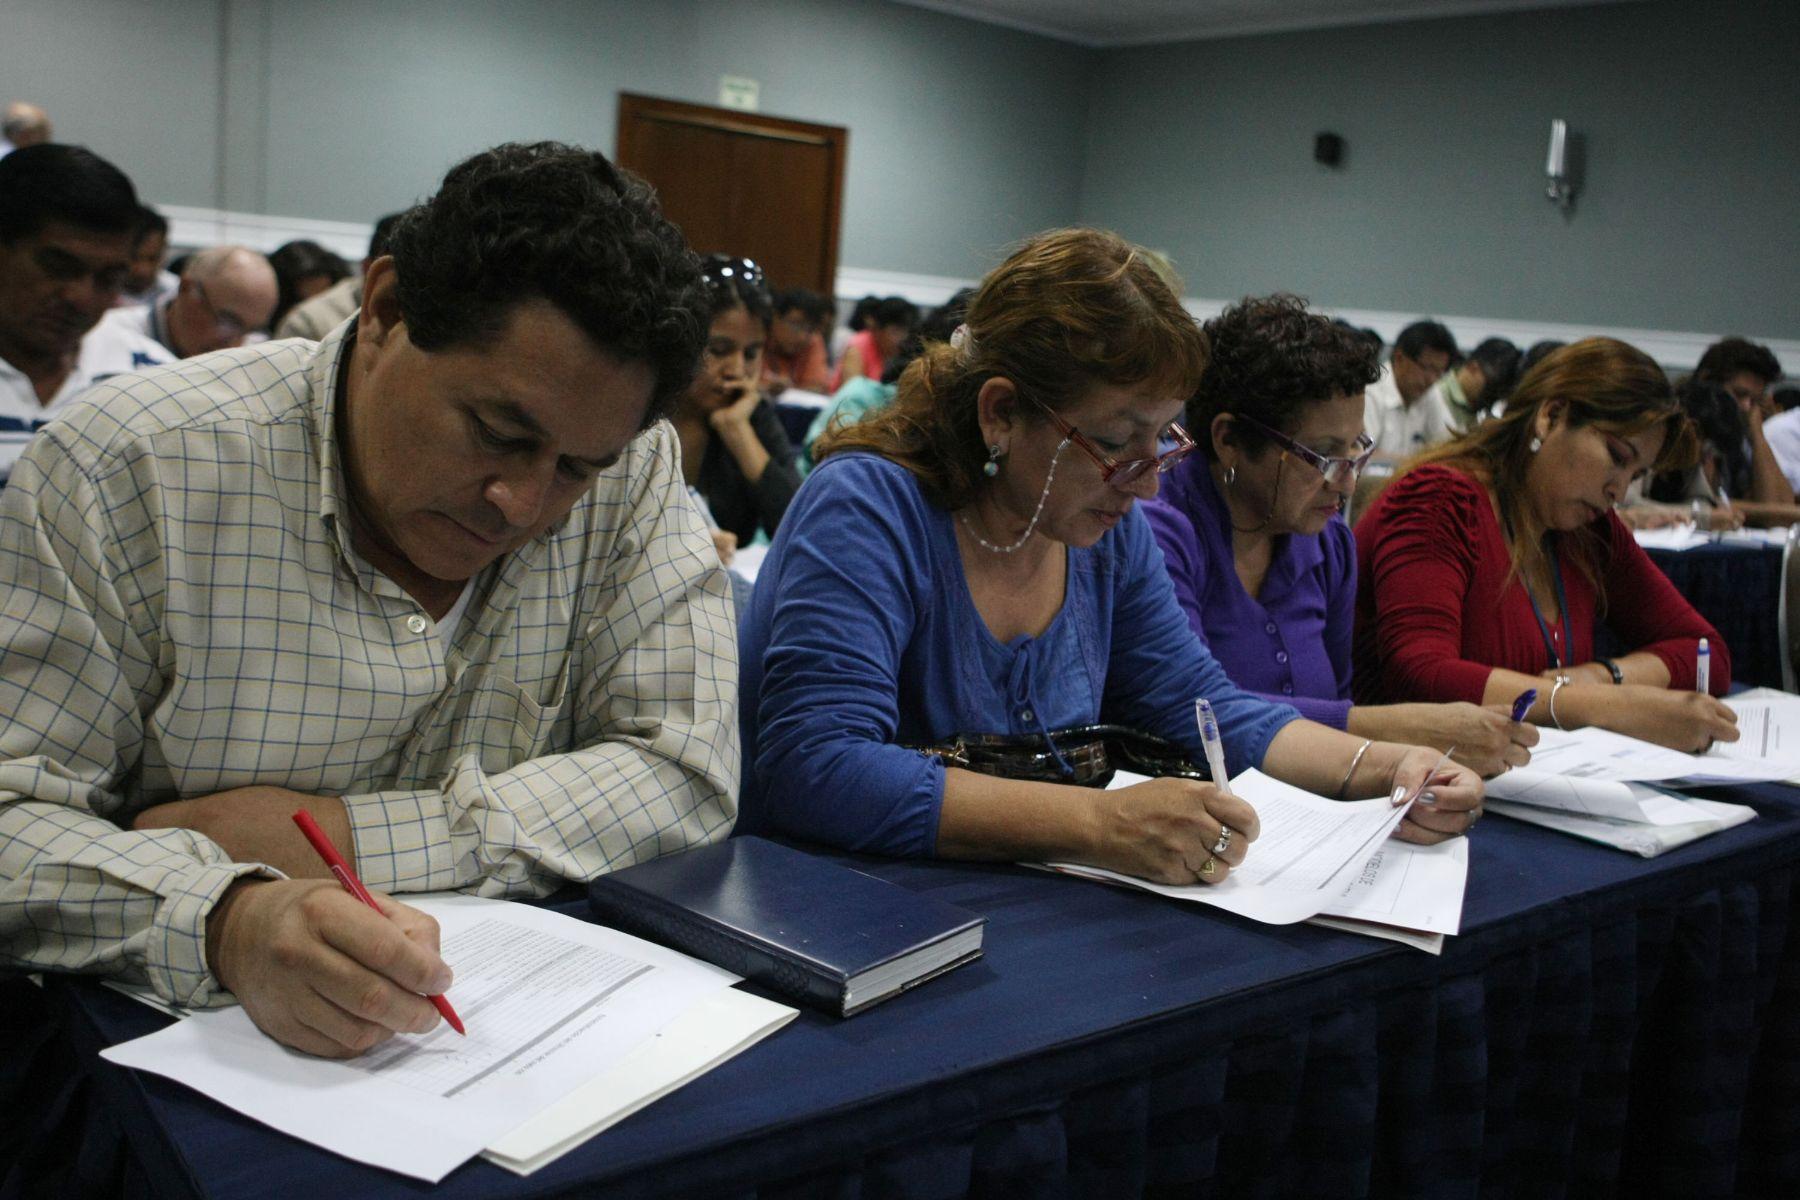 Docentes que aprobaron evaluación ocupan ahora cargos de directores de escuelas públicas. Foto. ANDINA/Vidal Tarqui